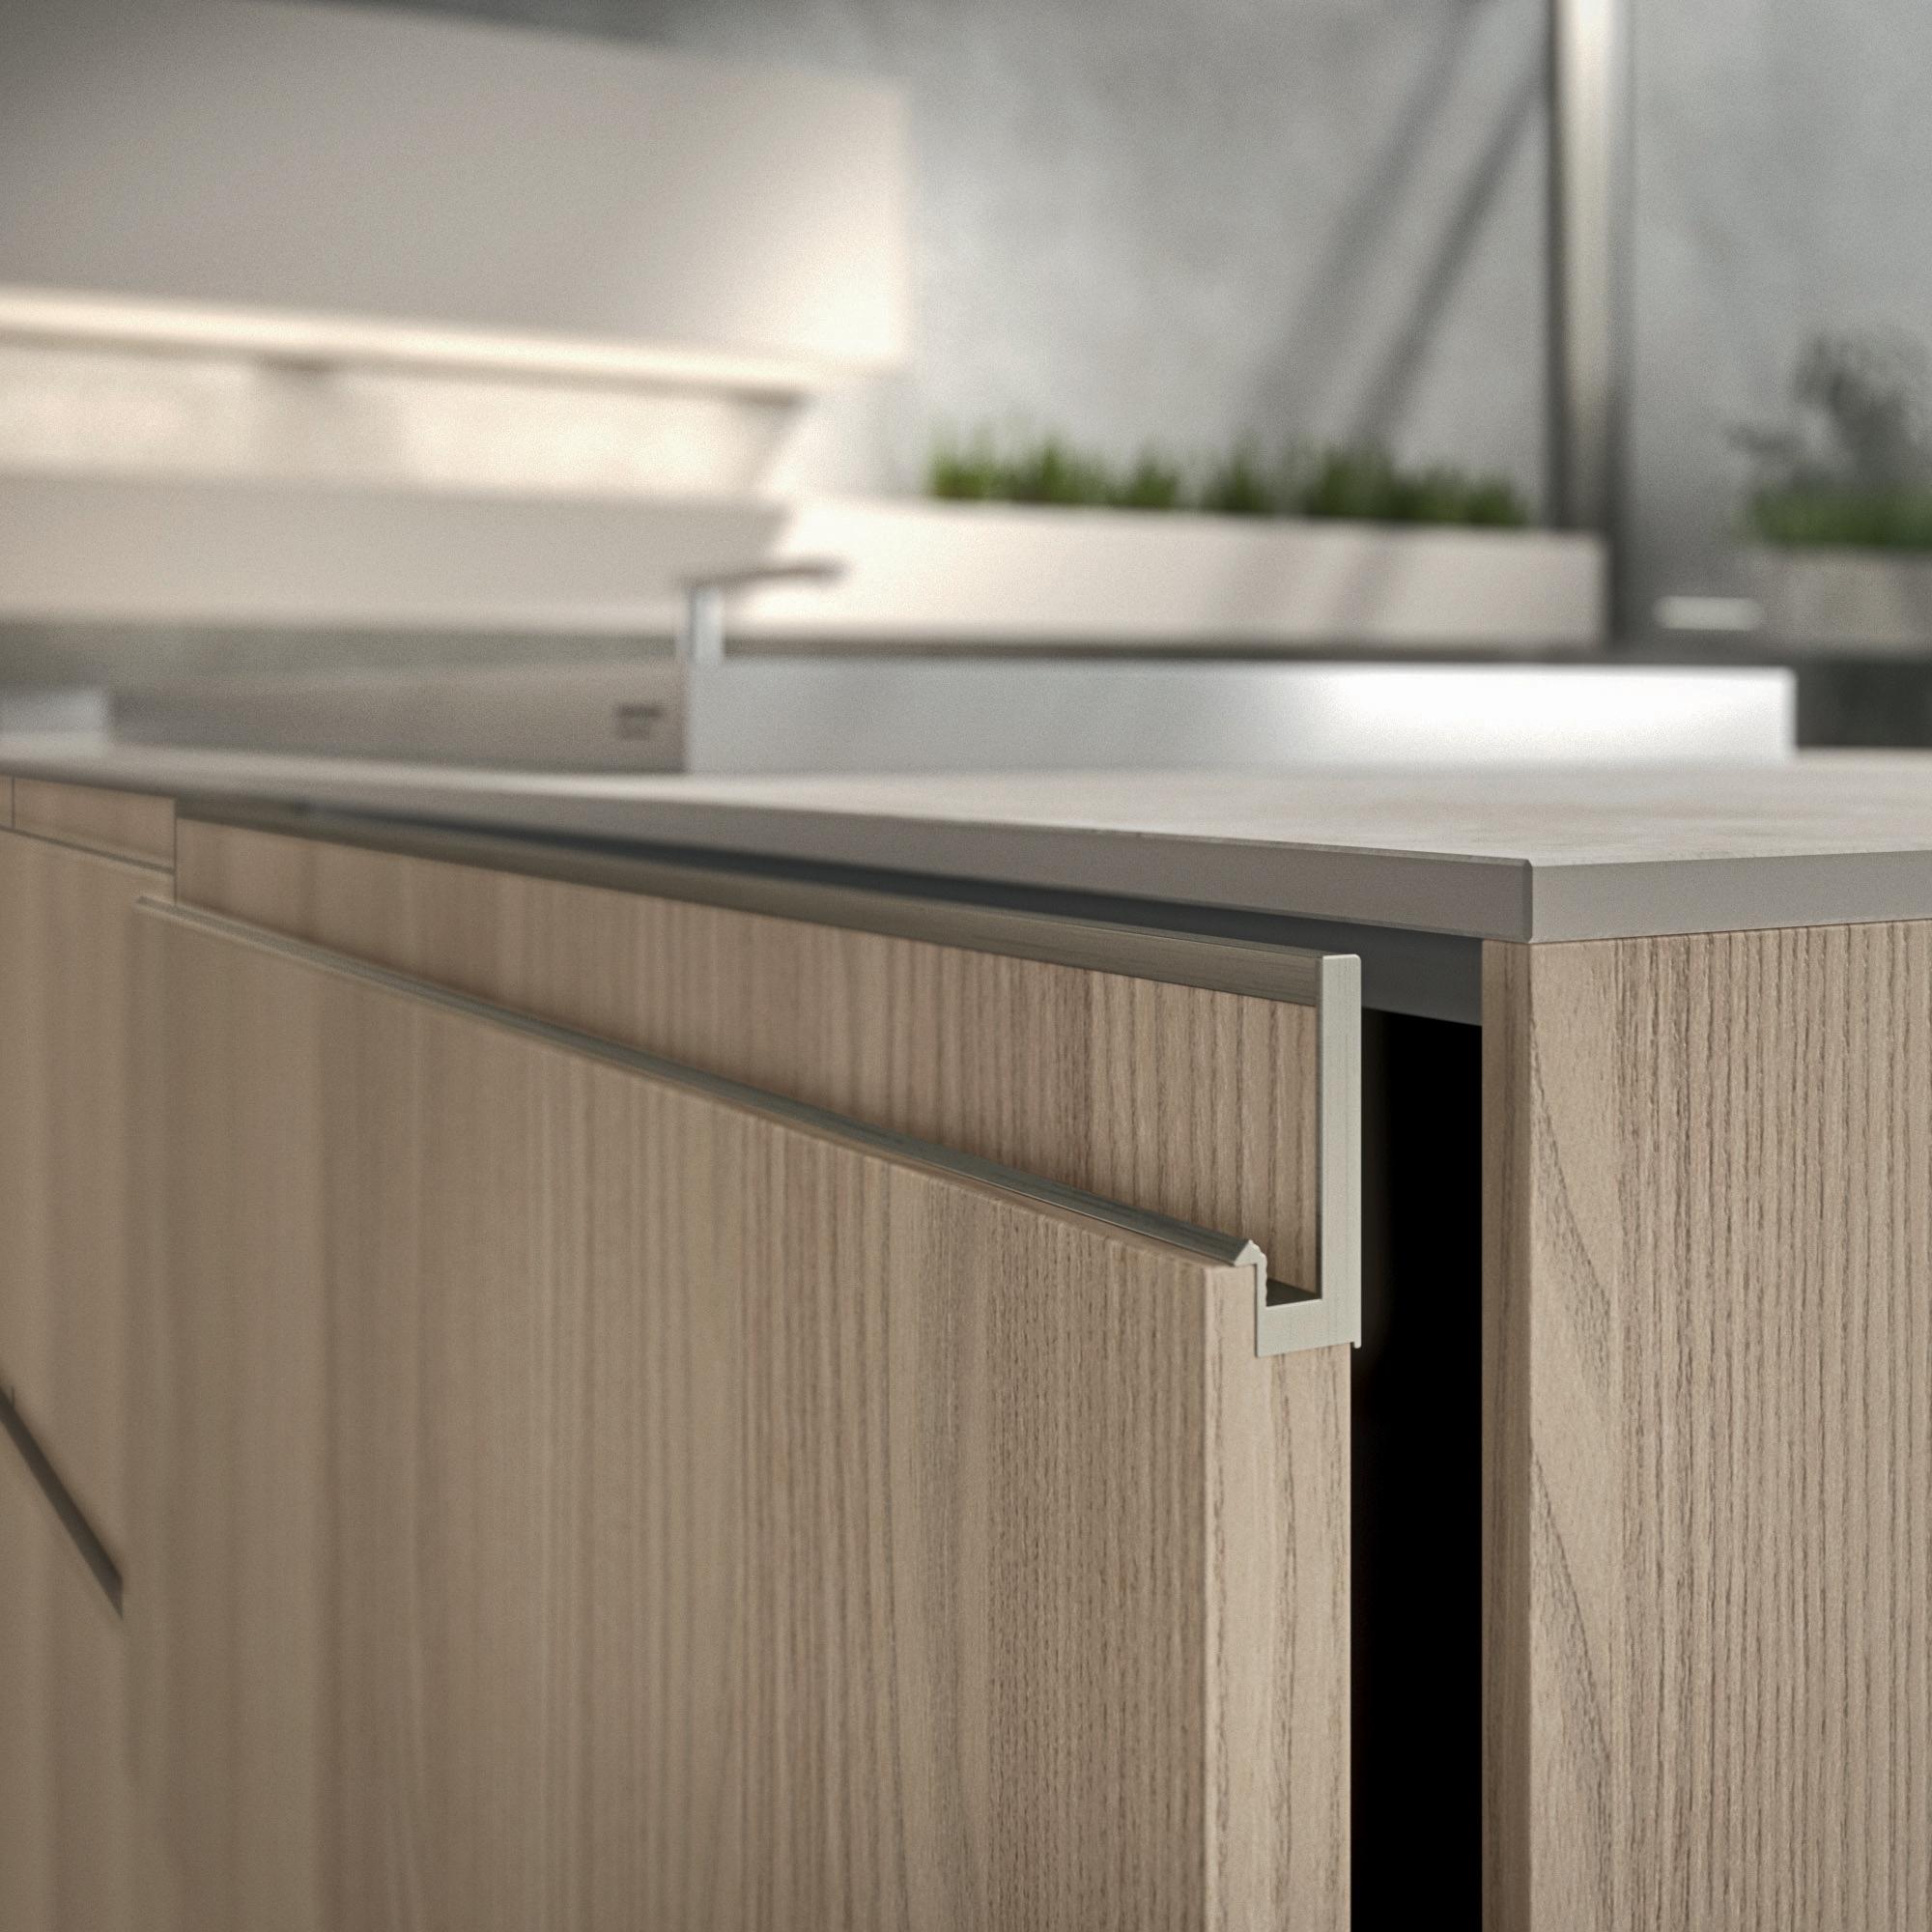 puertas y tiradores de cocina cover up cafran cocinas